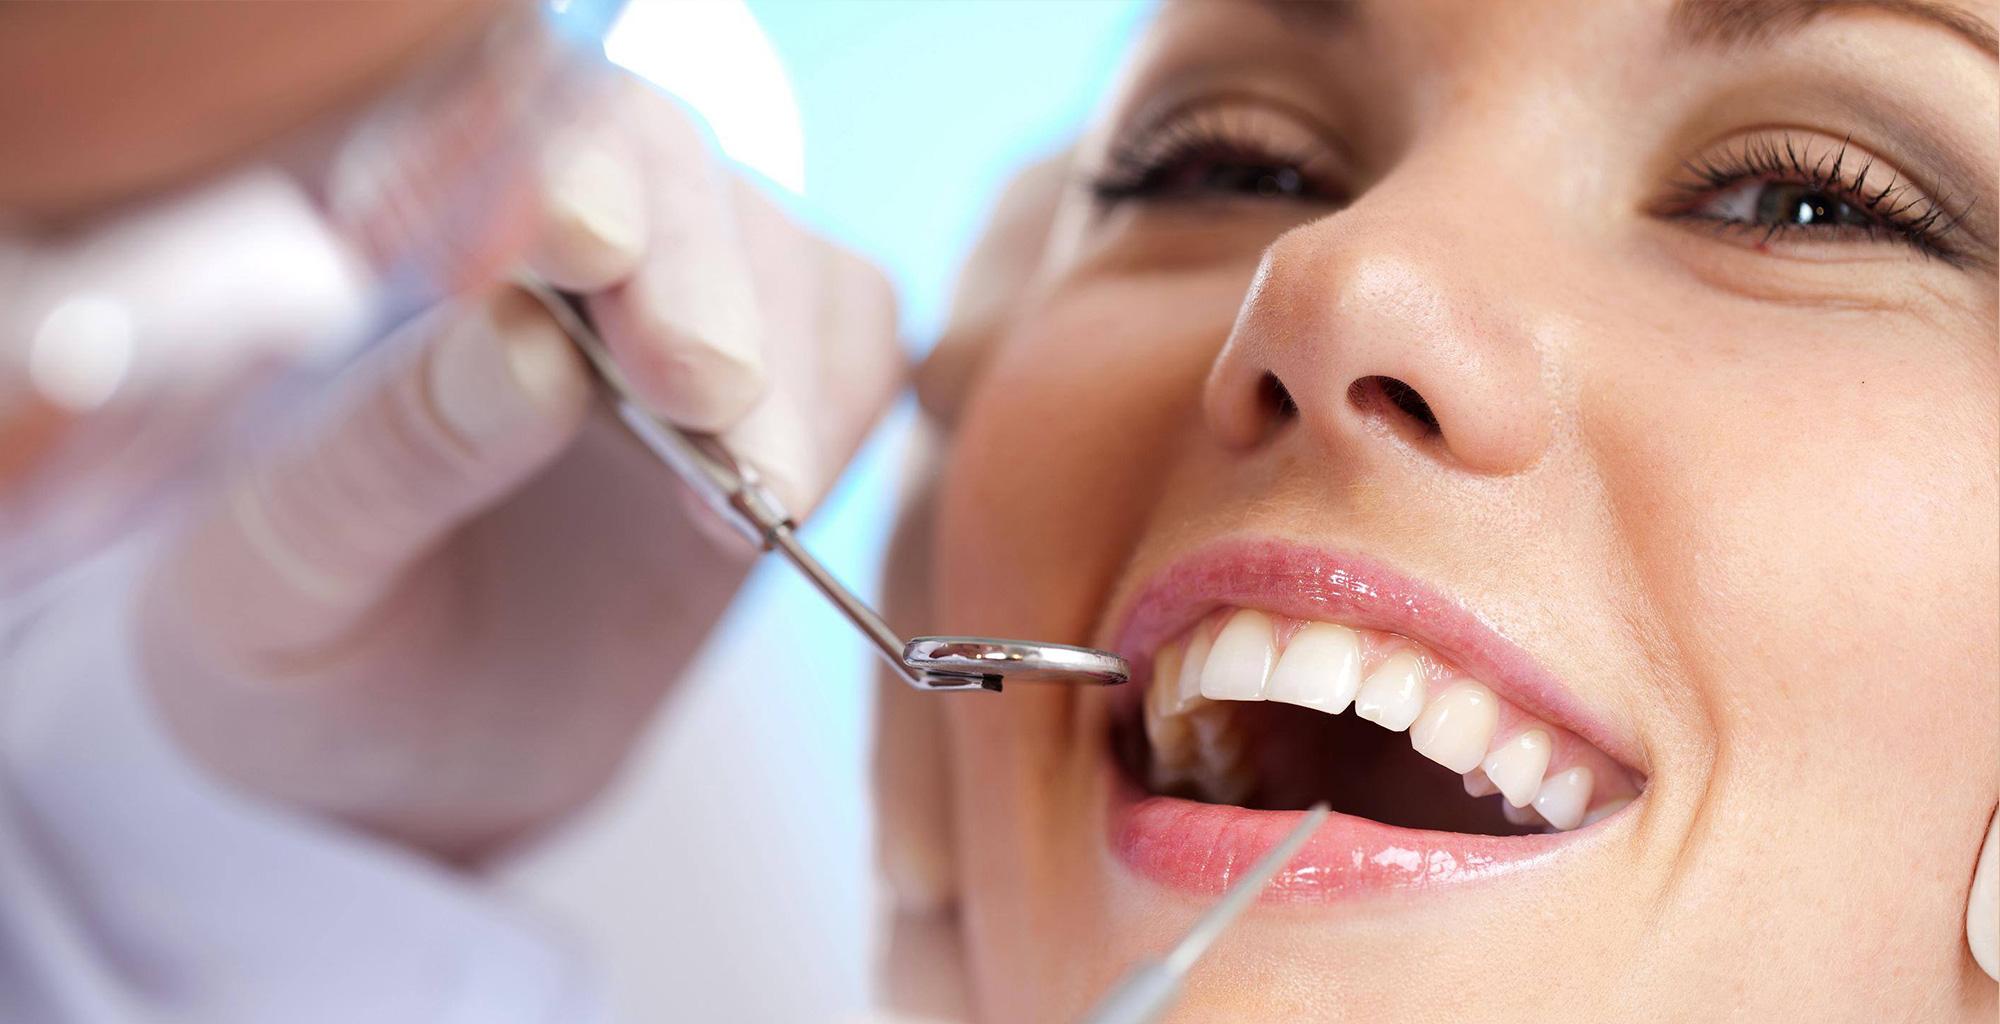 rozaweb.com-Dentist-ترک-خوردگی-دندان-2